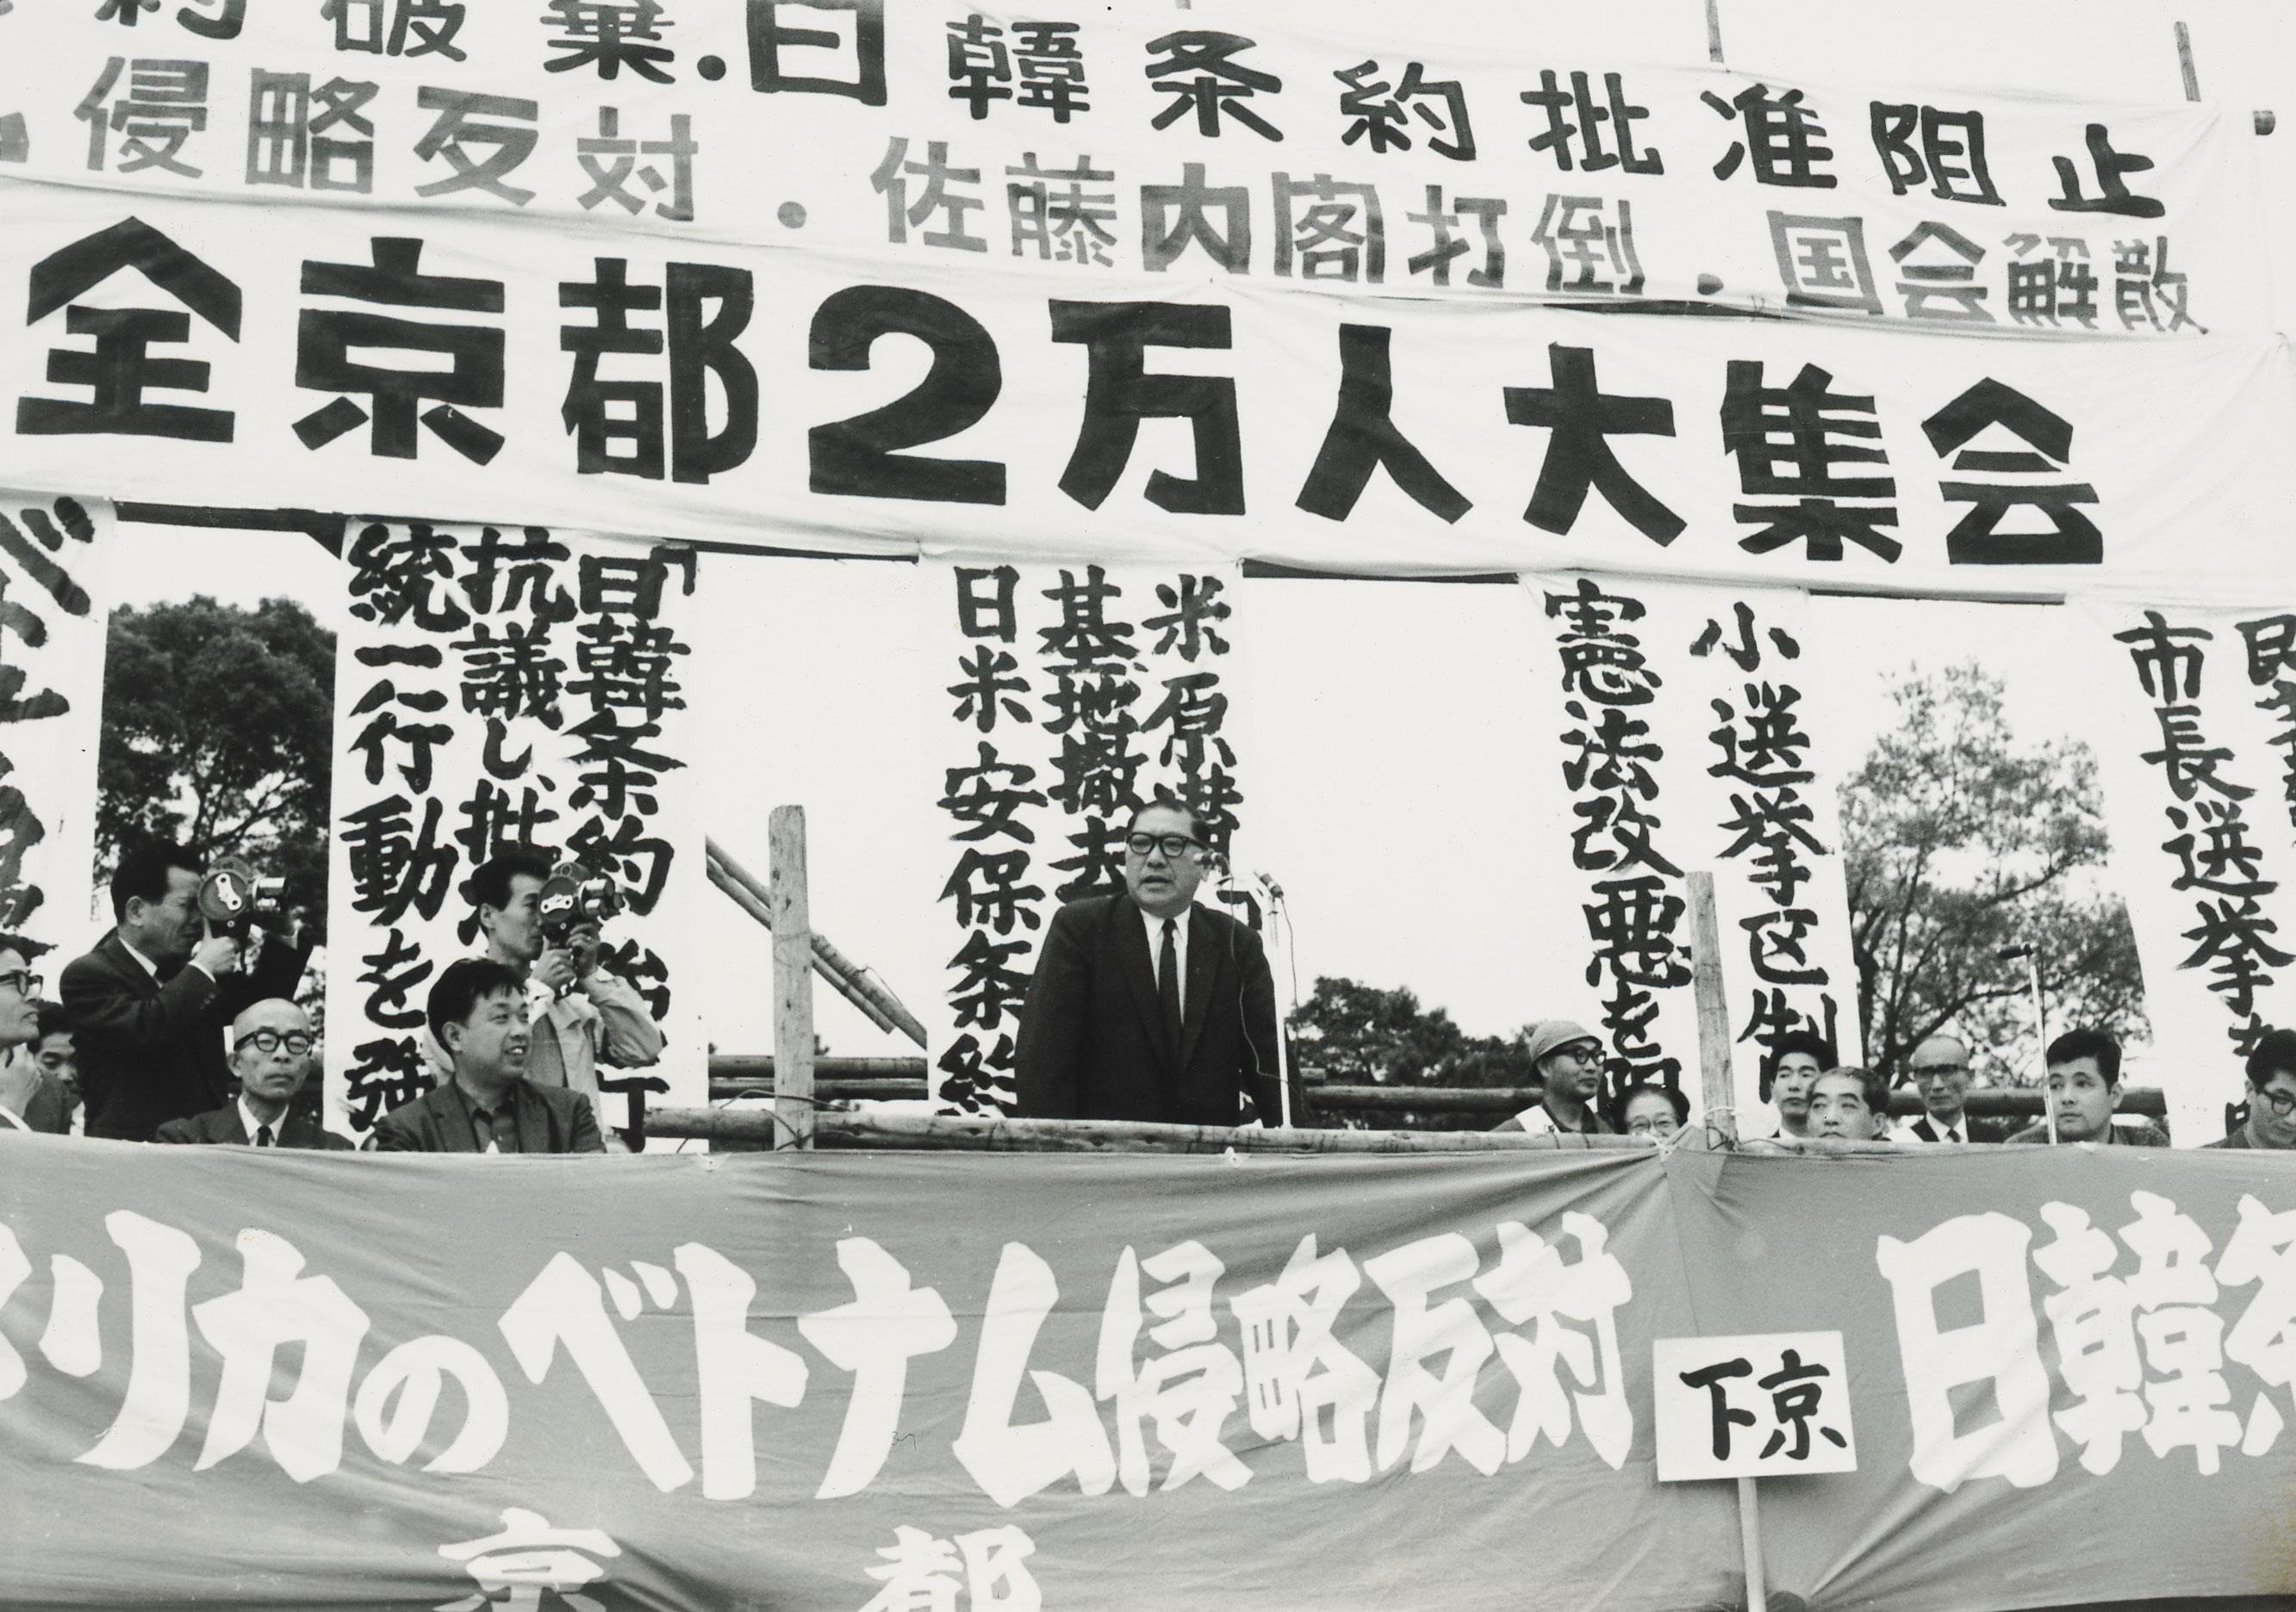 日「韓」条約批准阻止大集会